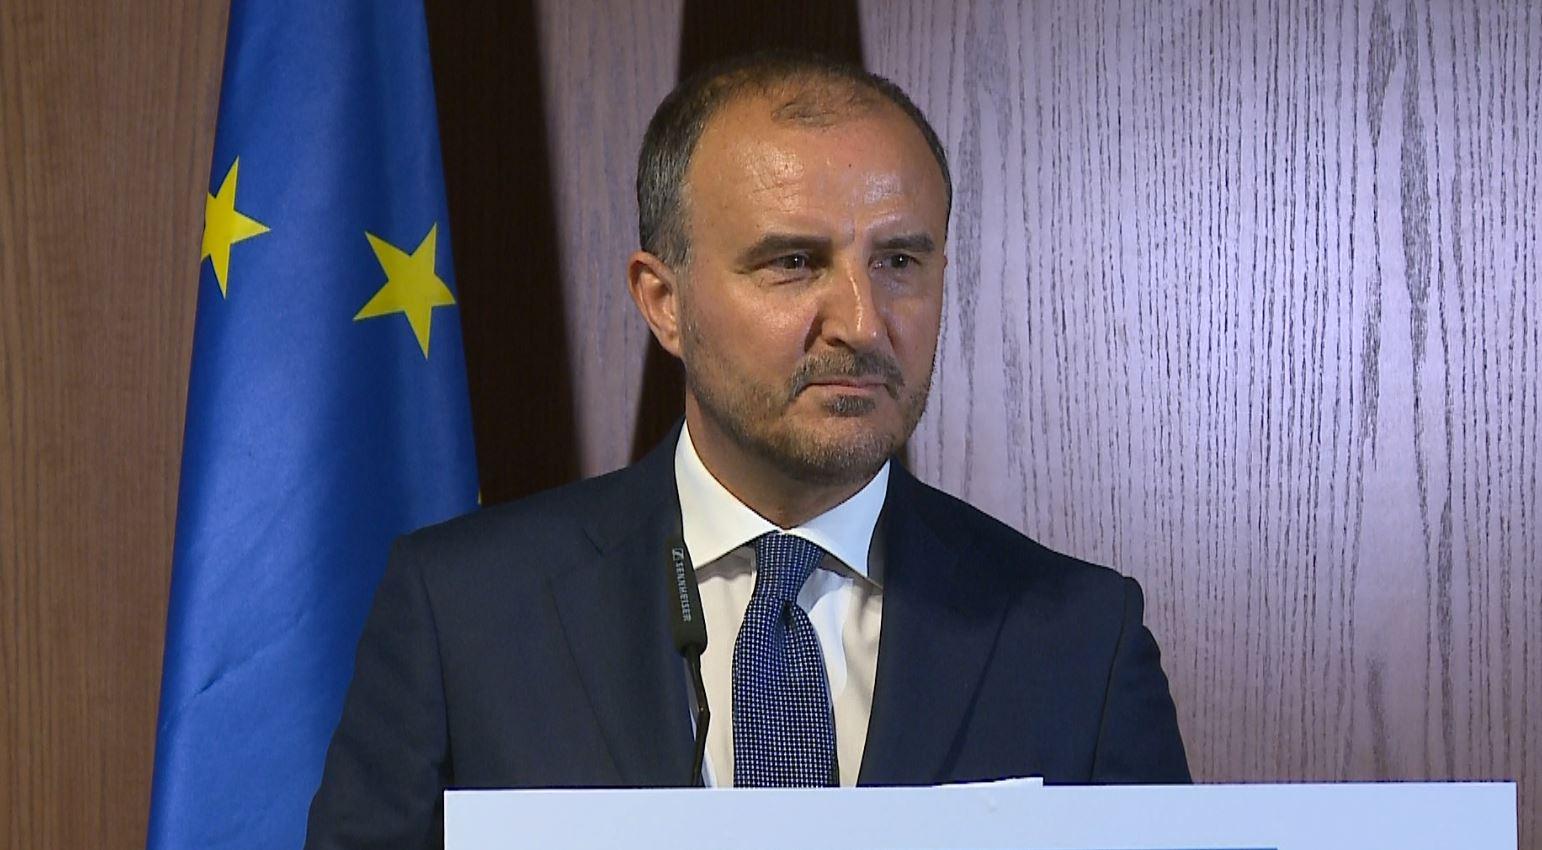 Mogherini vjen këtë javë në Tiranë, Soreca flet për axhendën e saj